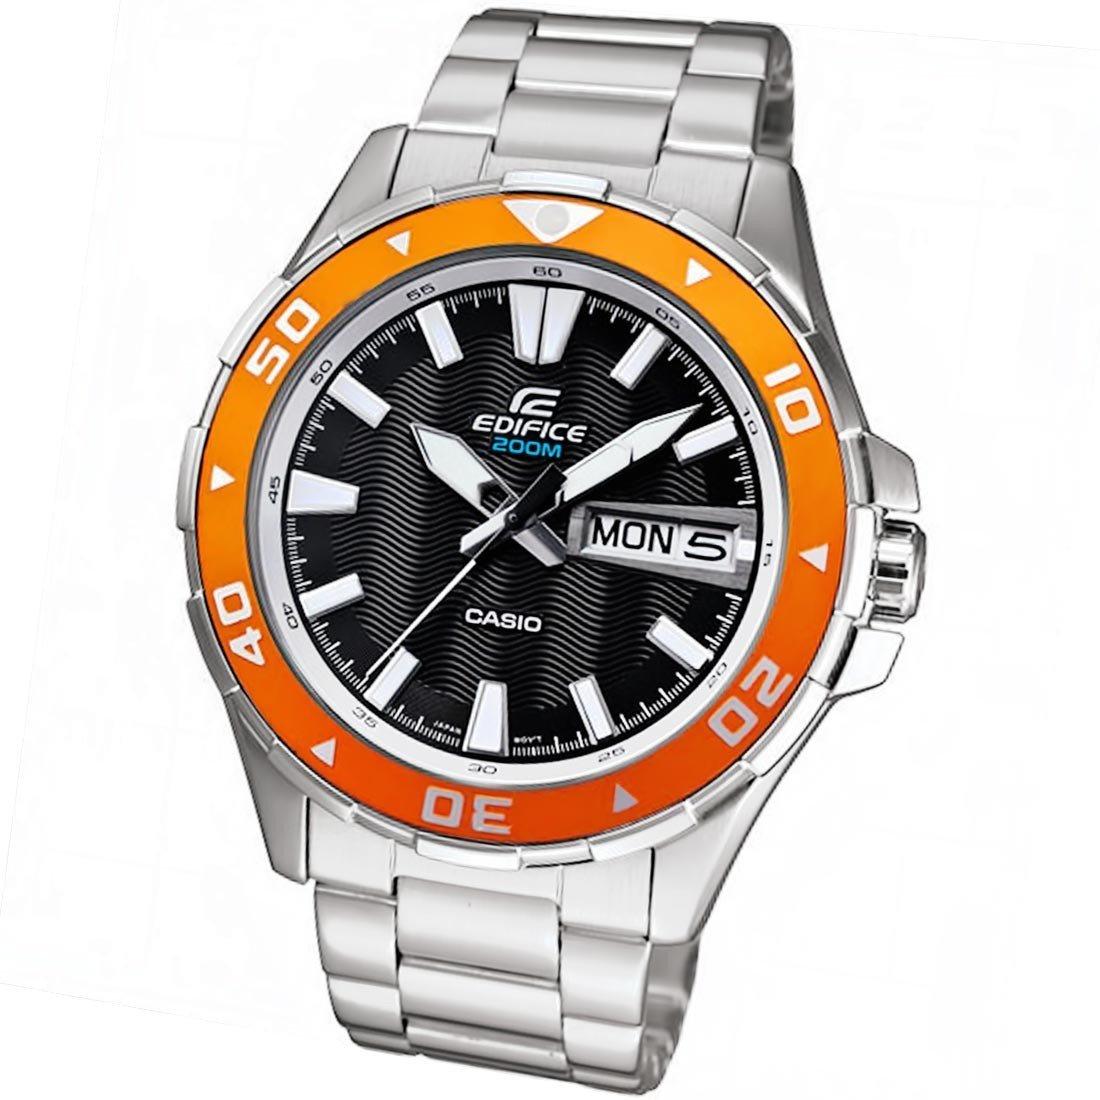 reloj hombre Casio Edifice Marine Men's EFM-100D-1A4 Quartz Rotating Bezel Black Dial Watch